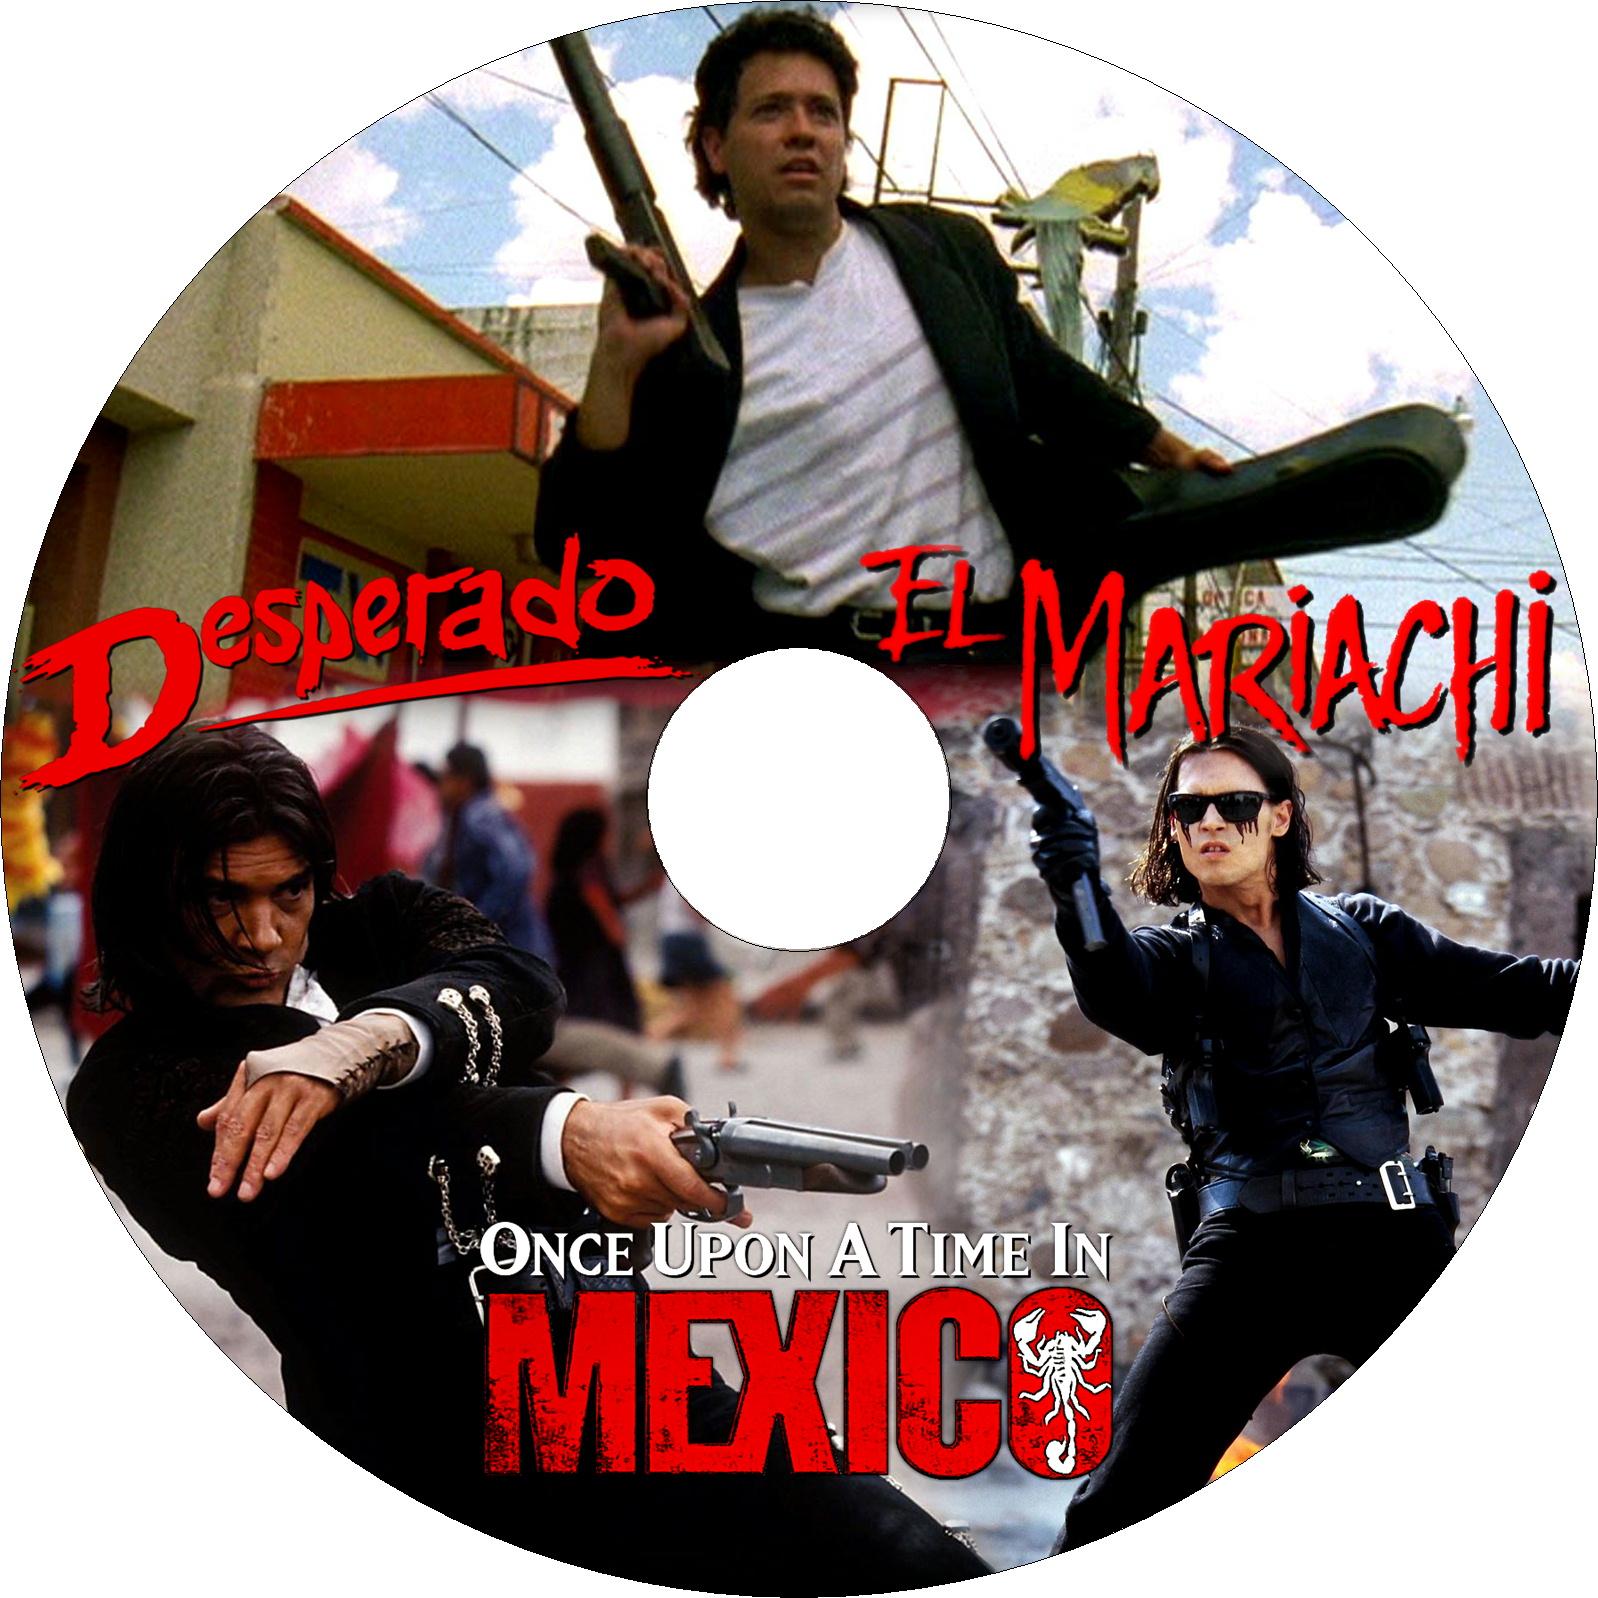 エル・マリアッチ&デスペラード&レジェンド・オブ・メキシコ ラベル